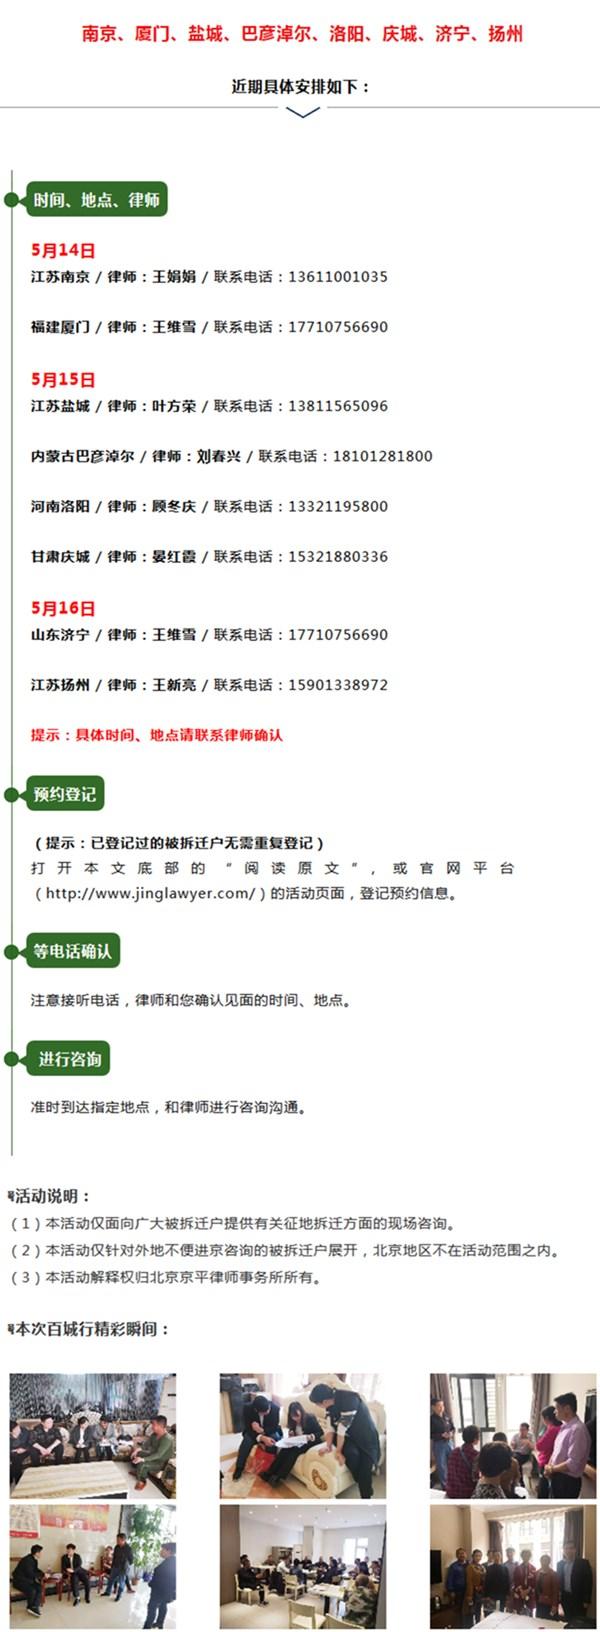 京平律师百城行5月14日与您相约南京、厦门,15、16日预约中